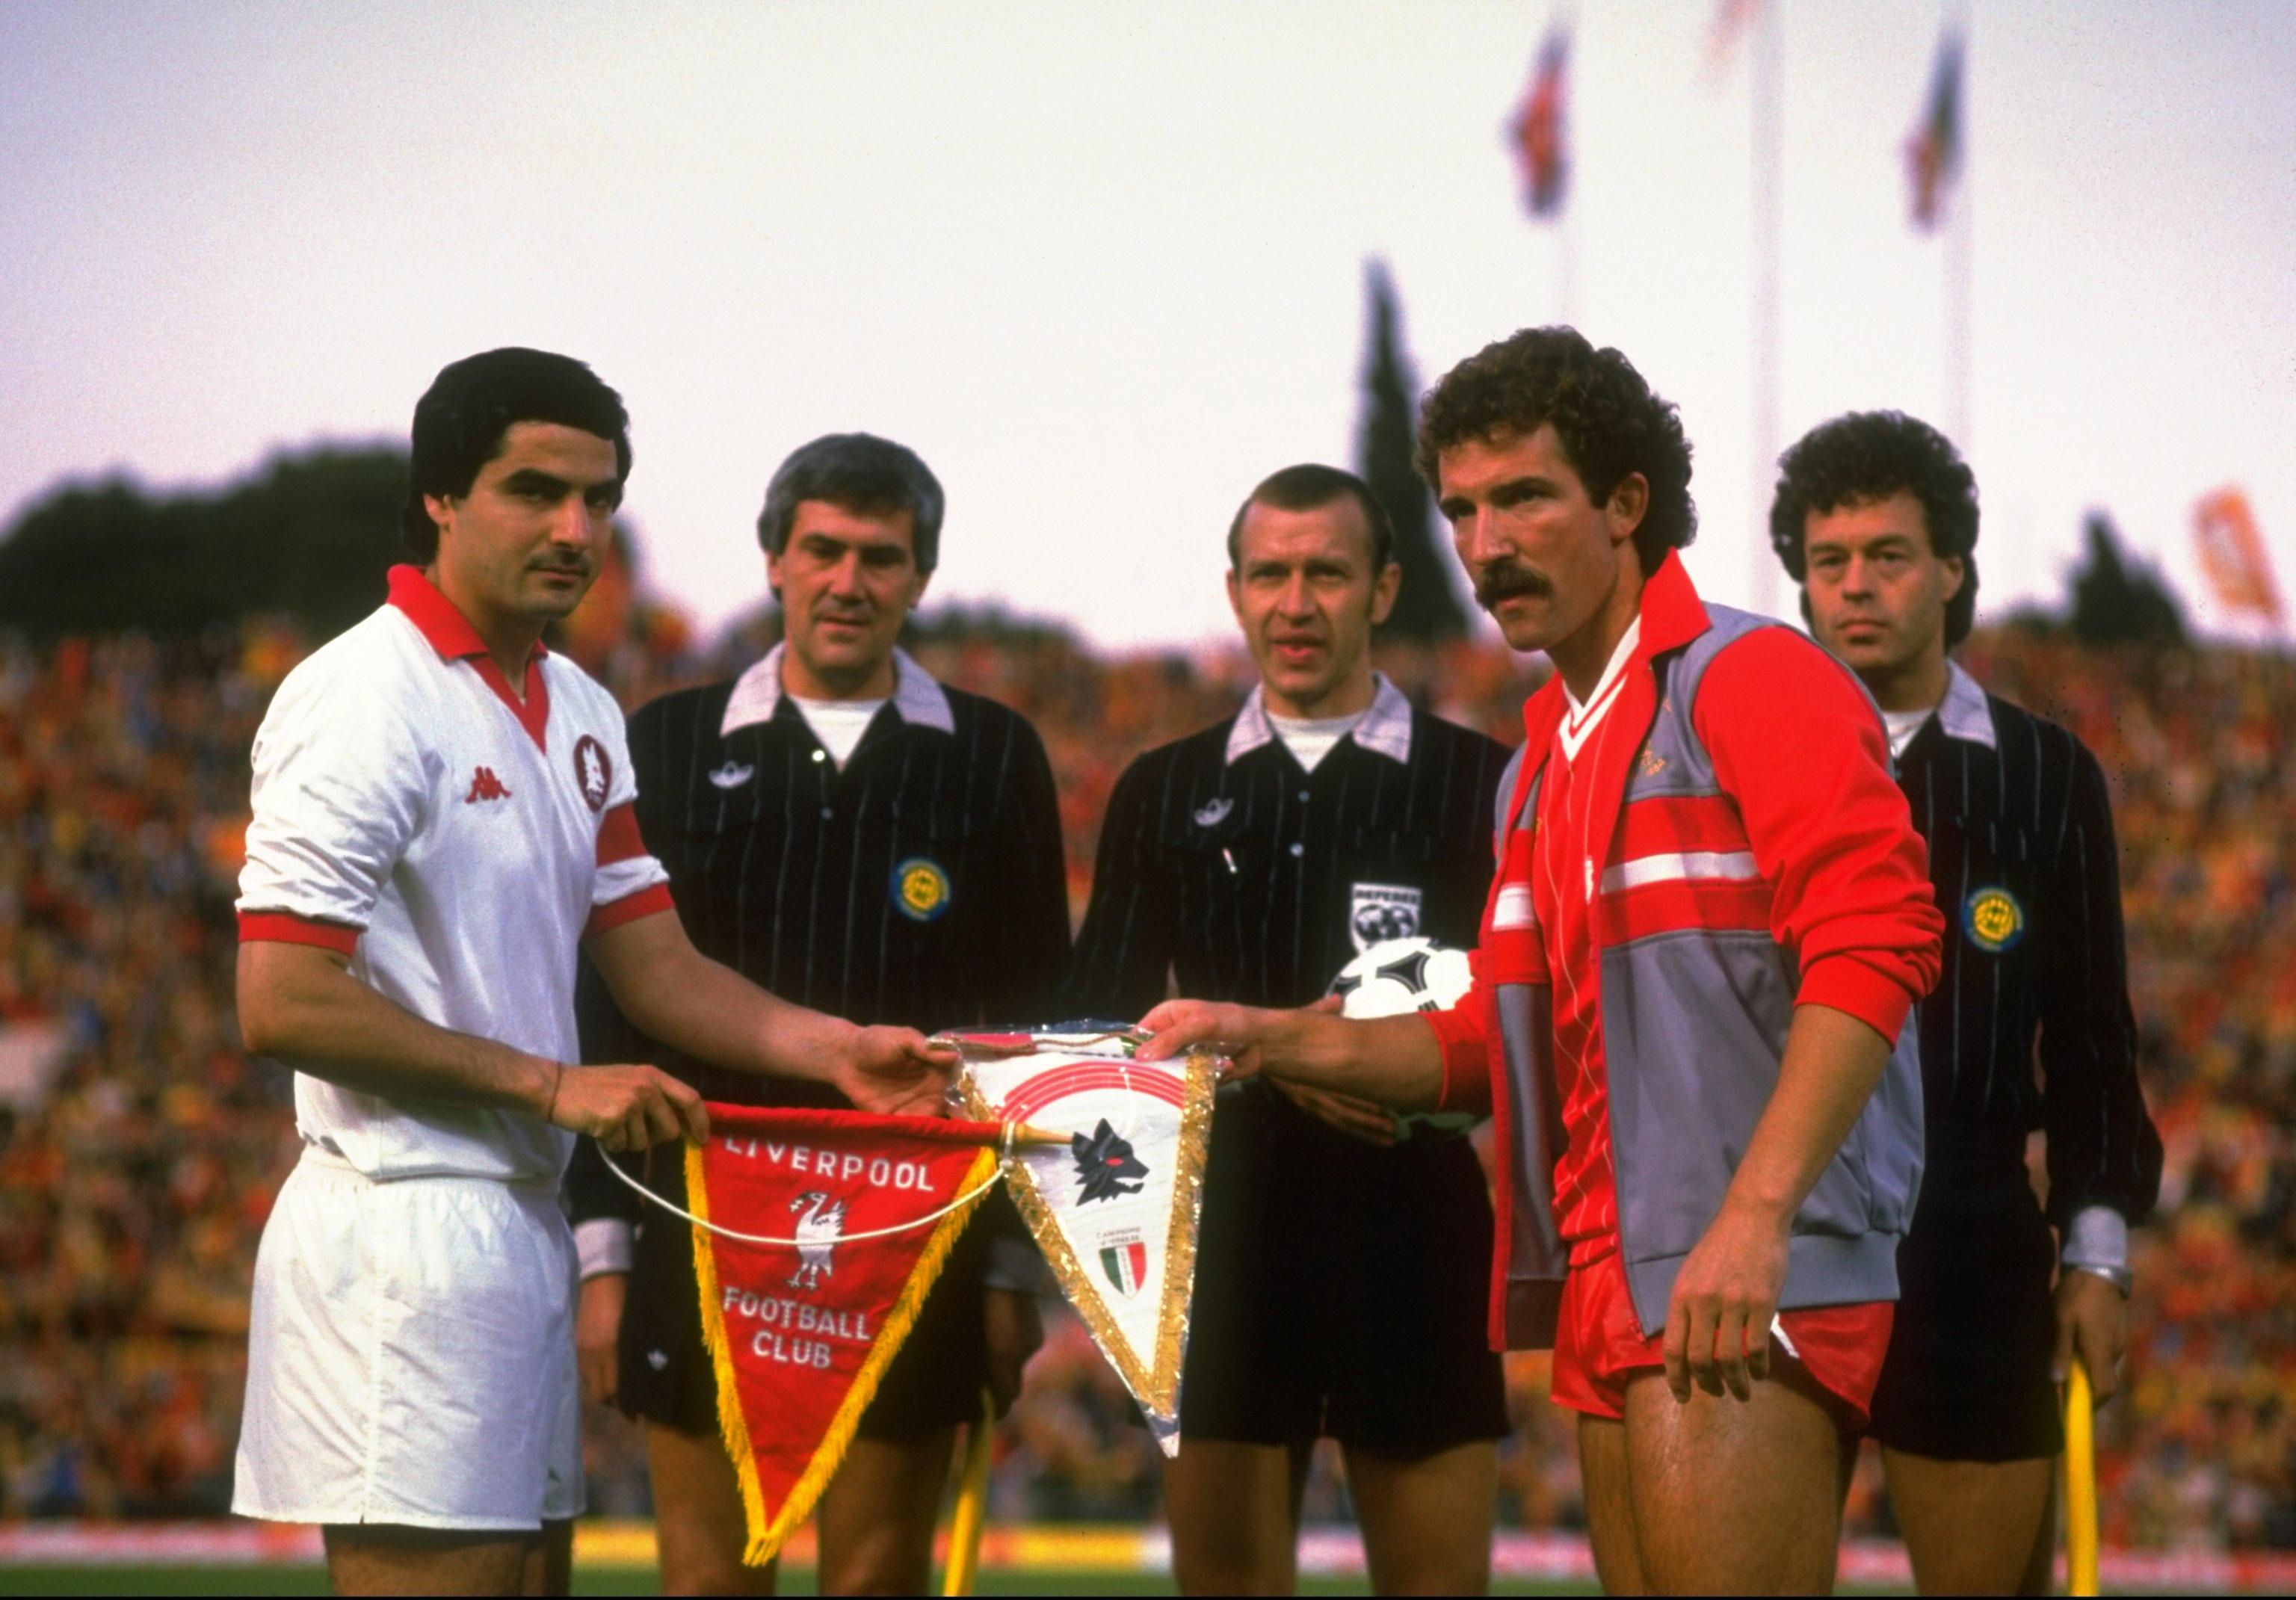 Coppa dei Campioni 1984, Liverpool-Roma - I capitani Di Bartolomei e Souness prima del match all'Olimpico